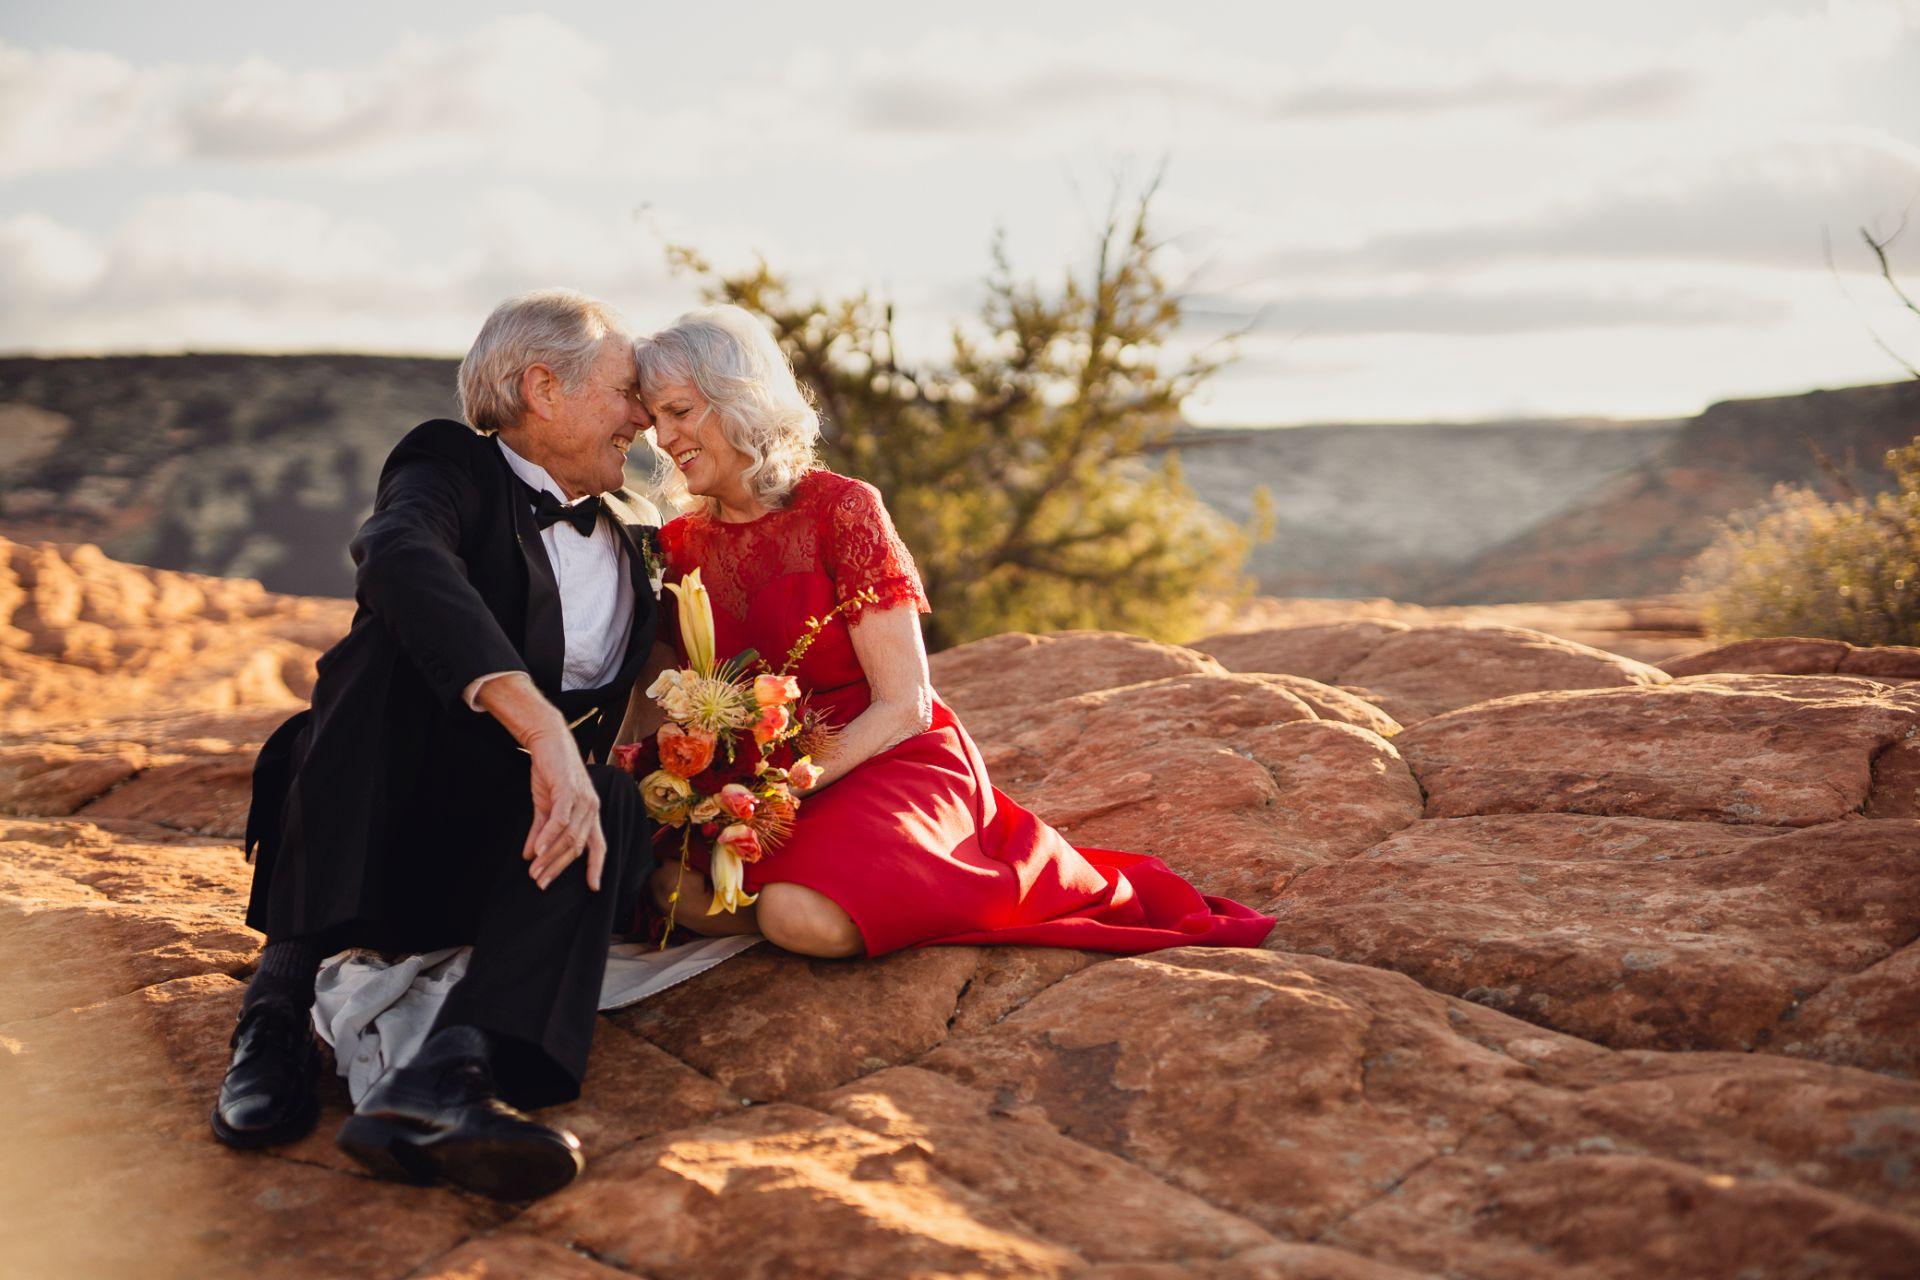 Hiking Wedding Utah Desert - deeply in love couple